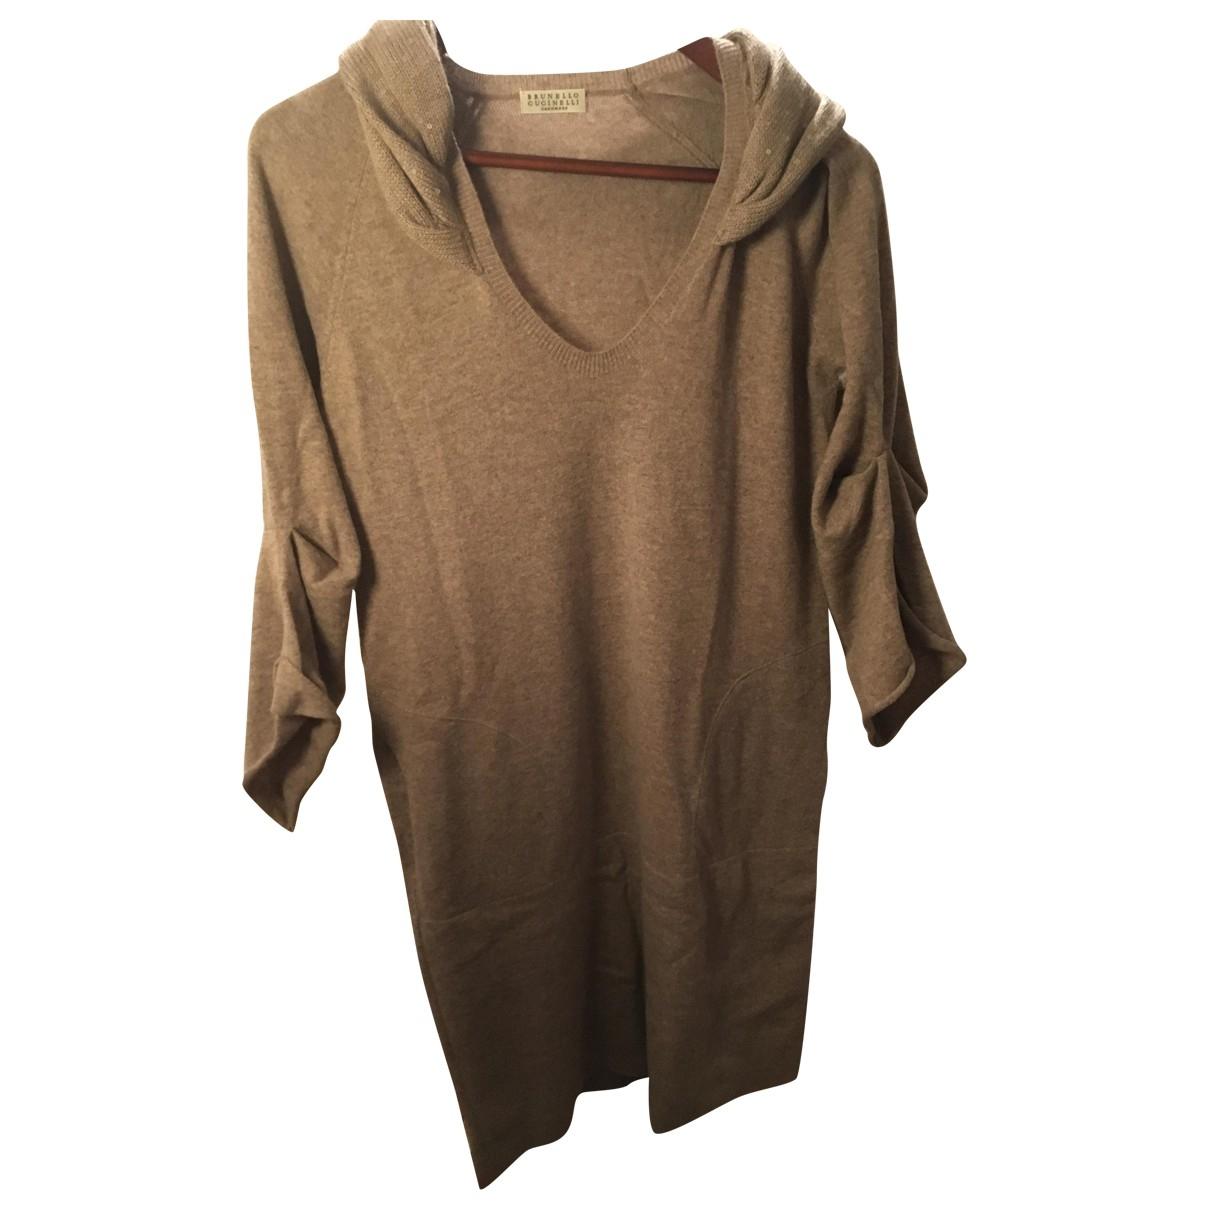 Brunello Cucinelli \N Beige Cashmere dress for Women M International